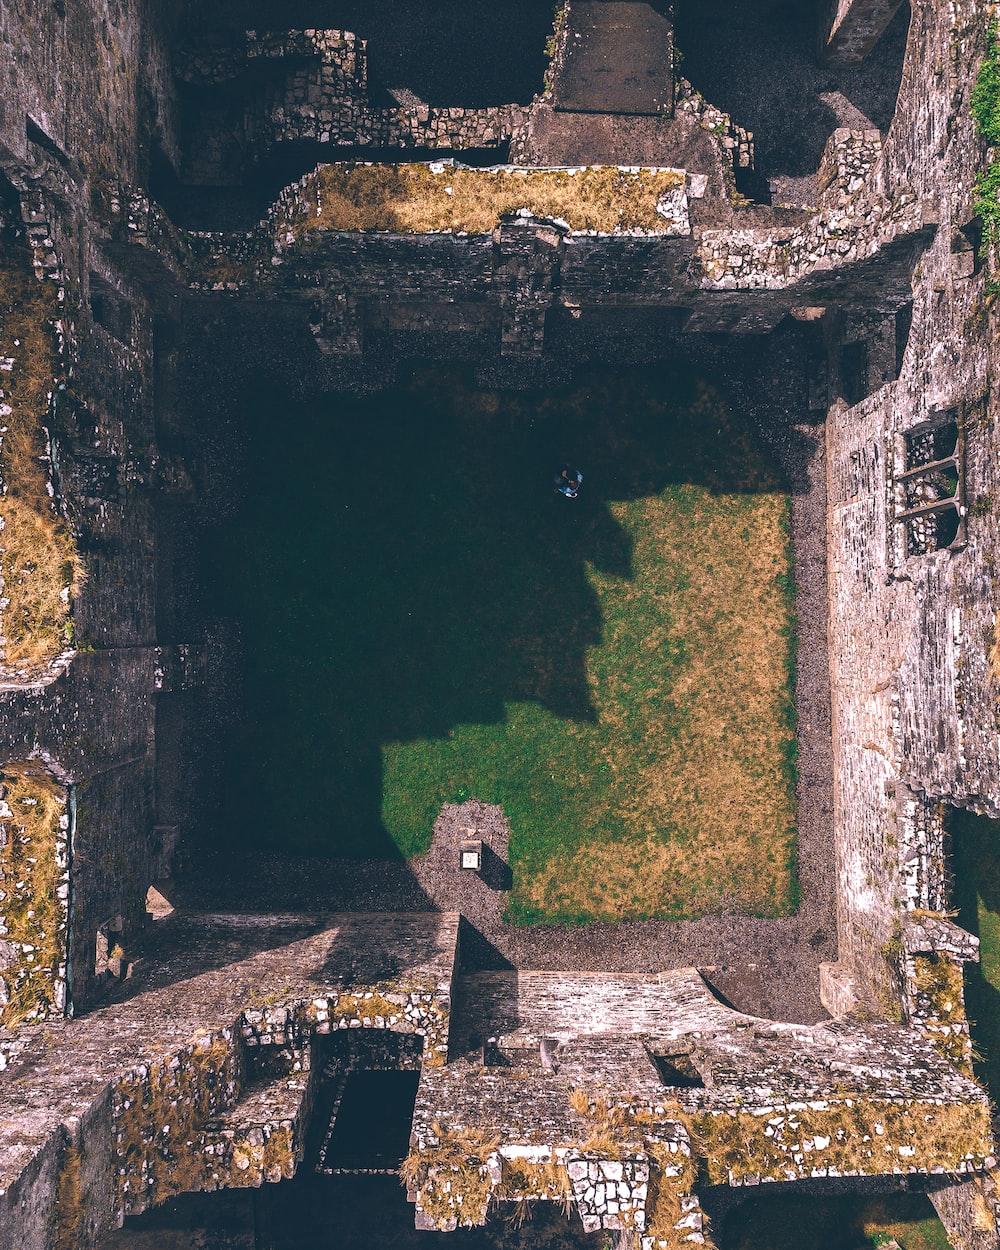 birds-eye view of concrete ruins